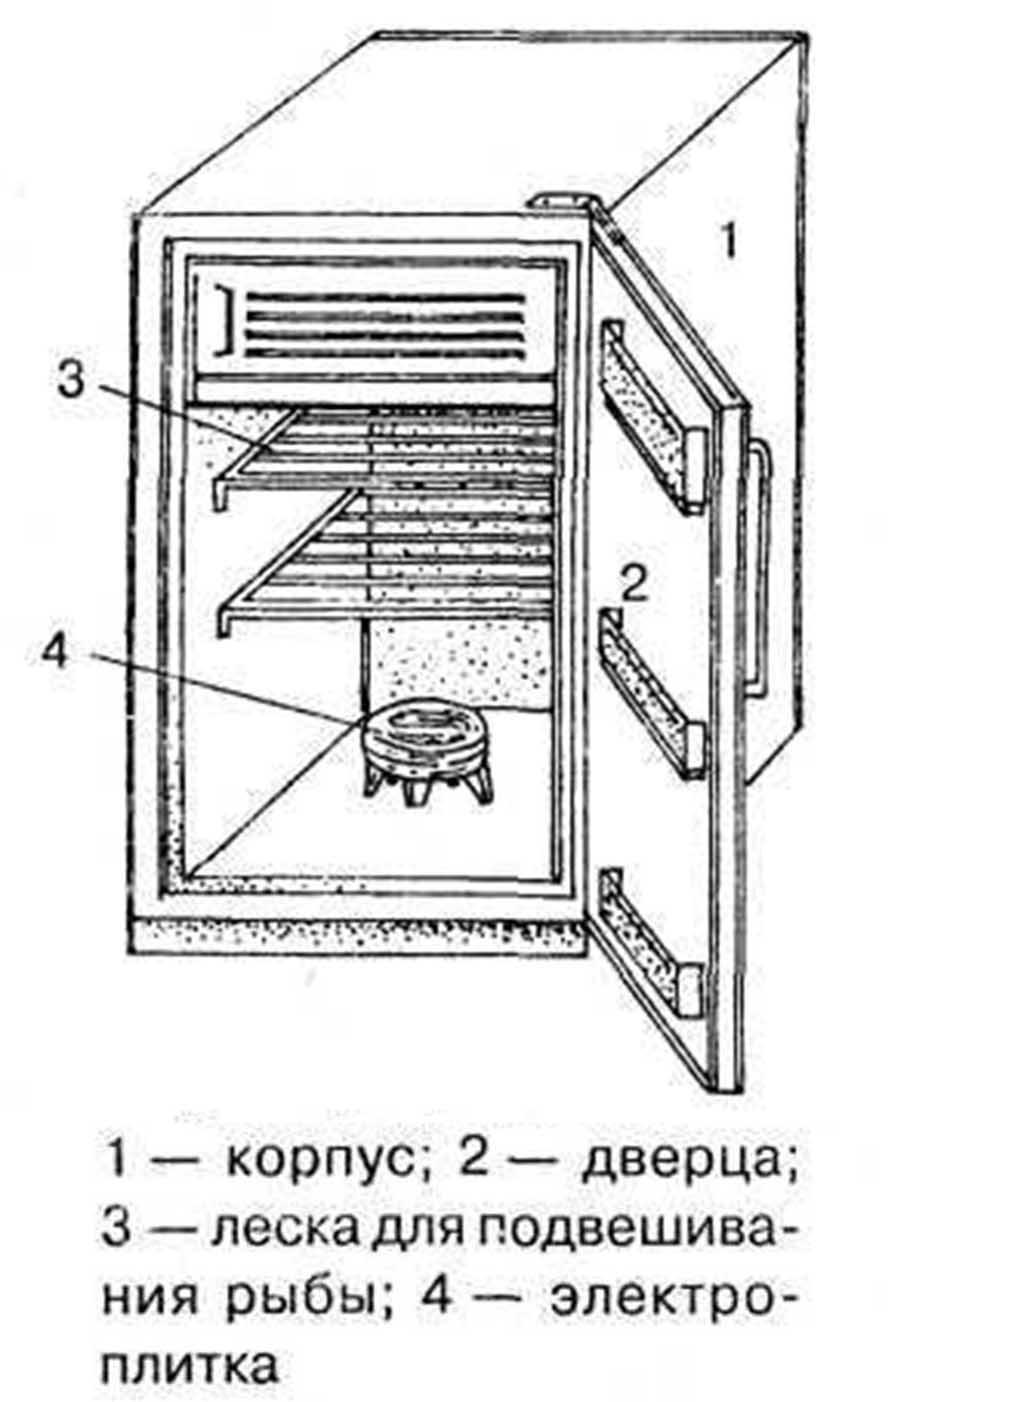 Самодельная коптильня из холодильника своими руками фото 195